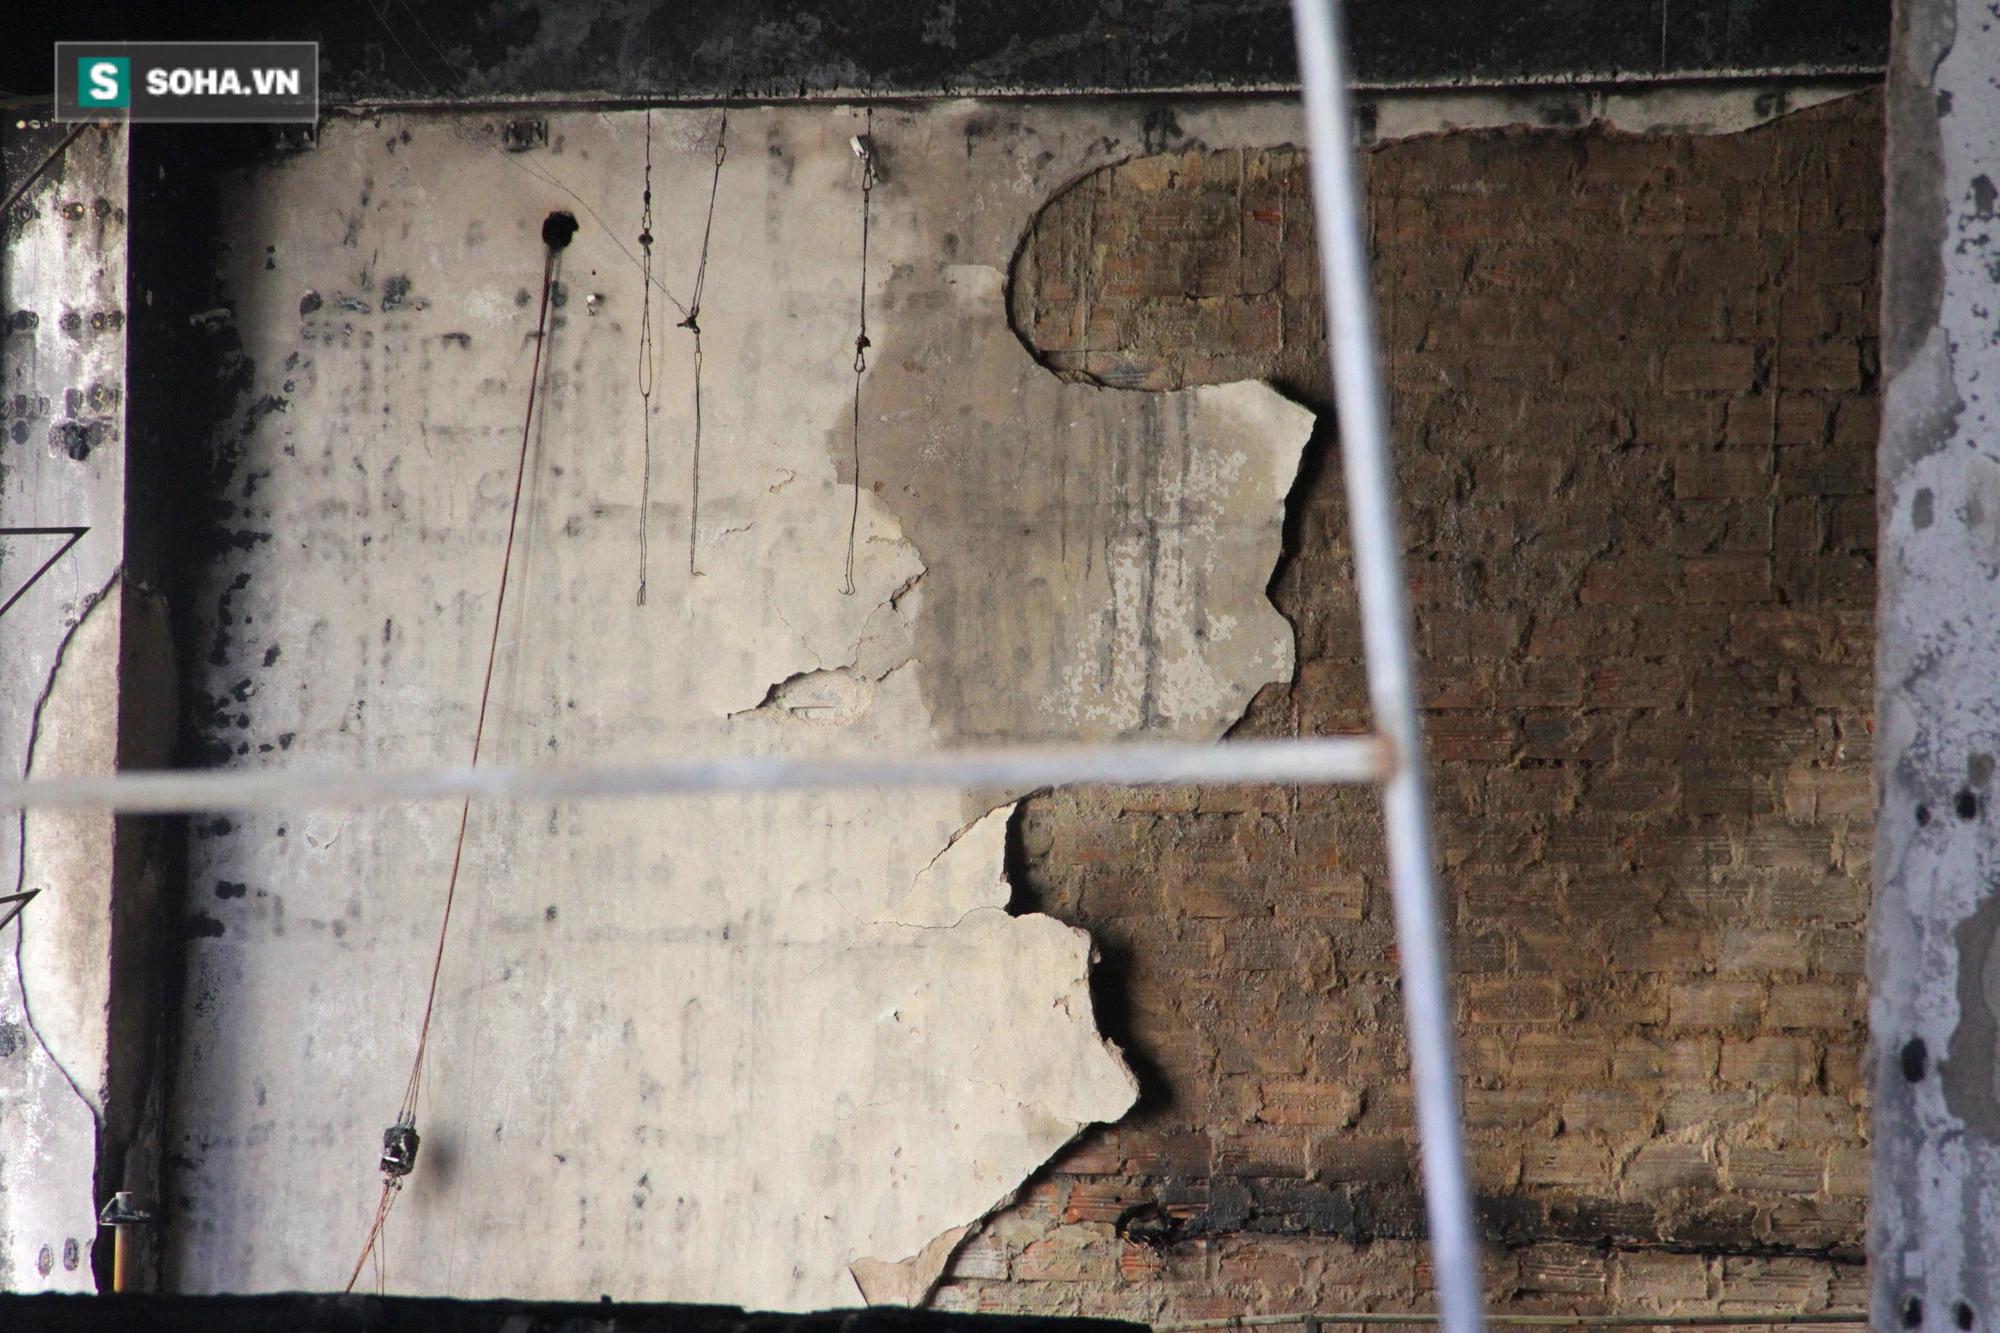 Cận cảnh hiện trường bên trong phòng trà bị cháy khiến 6 người tử vong ở Nghệ An - Ảnh 12.